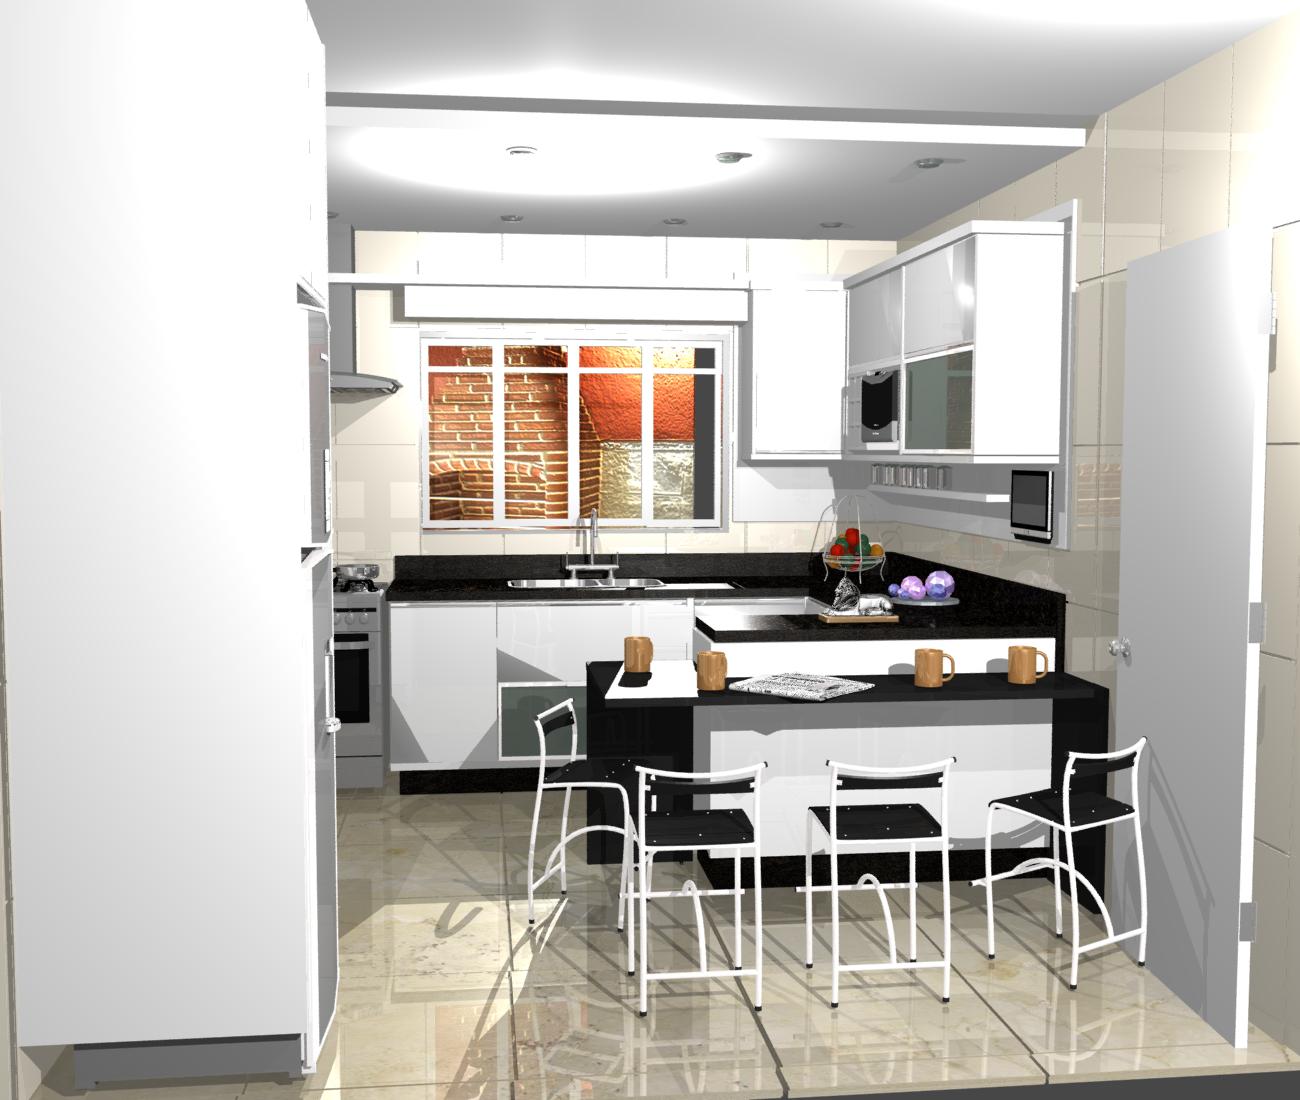 para cozinhas cozinhas planejadas dellano dellano cozinhas planejadas #A74224 1300 1100